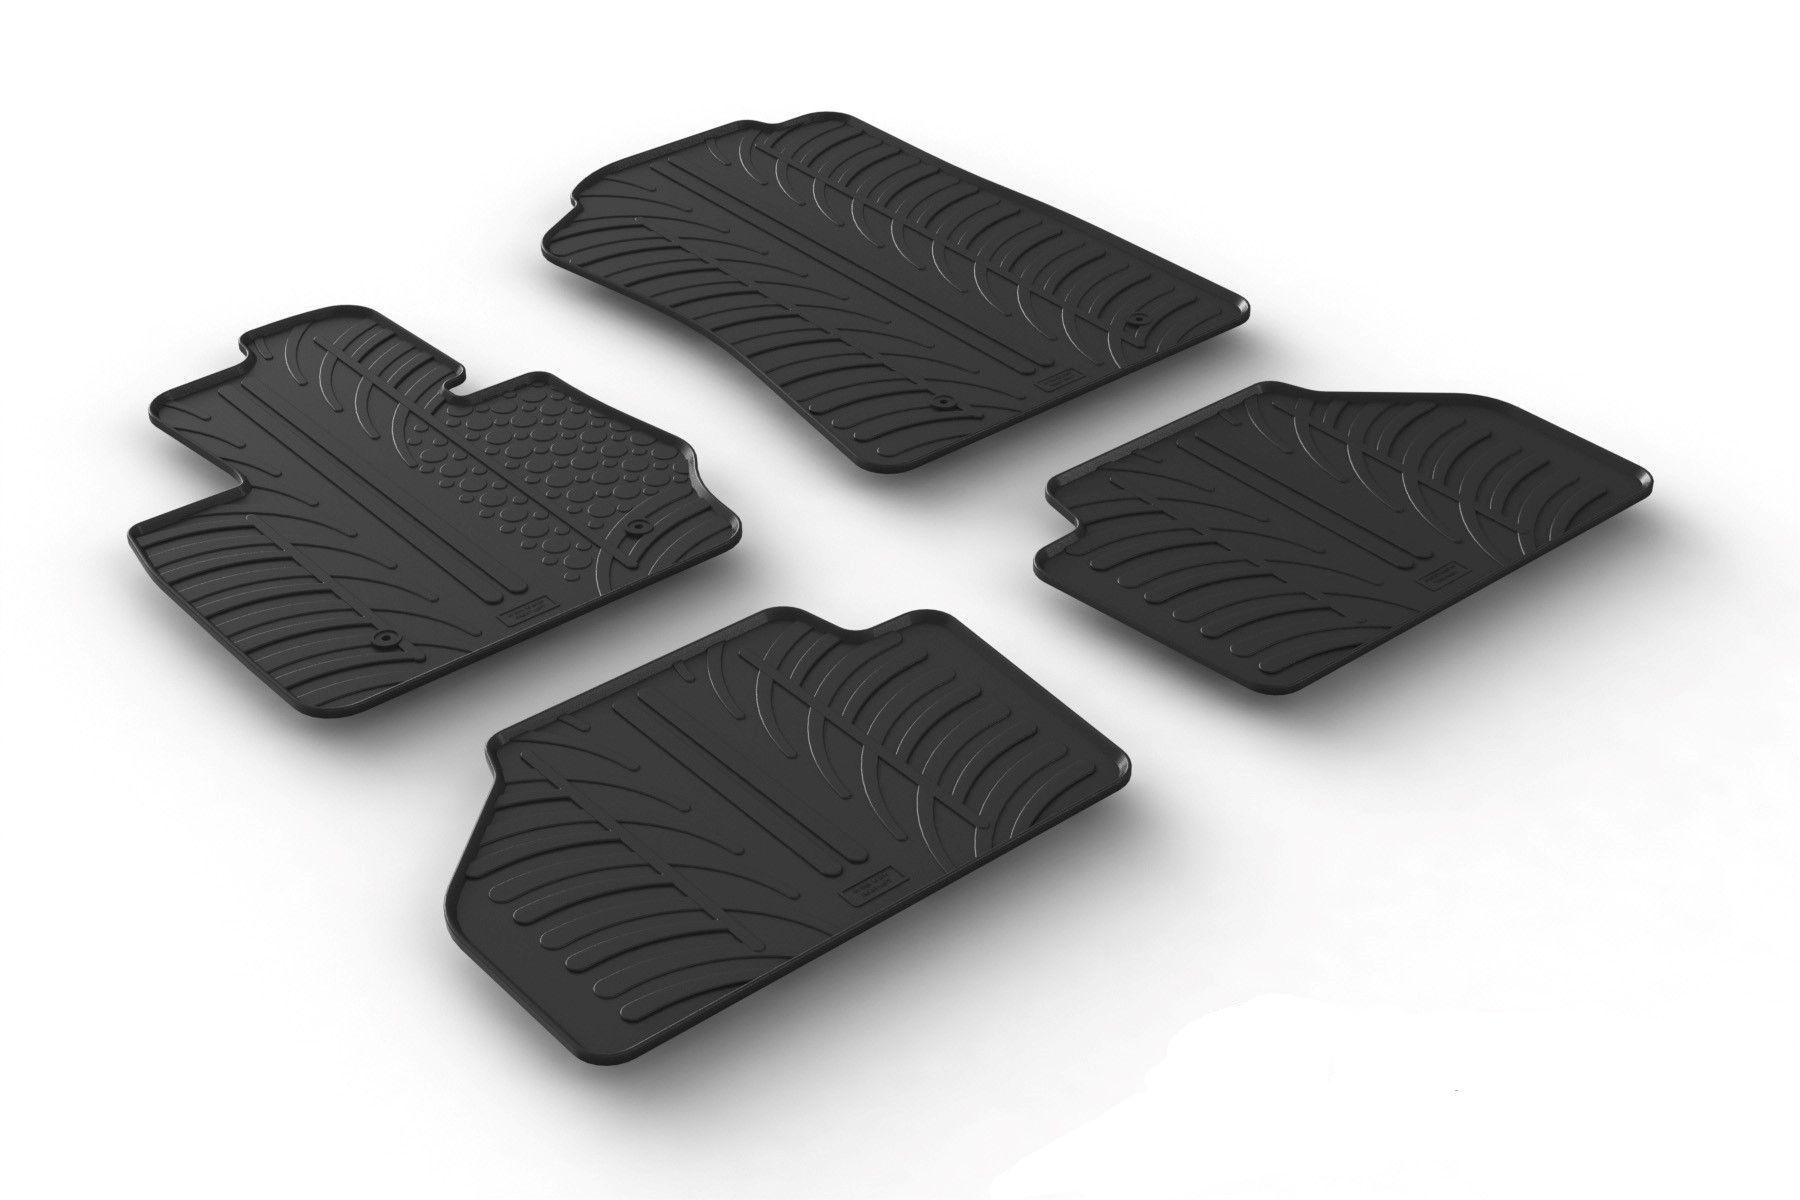 gummimatten f r bmw x3 f25 ab 2010 gummi fu matten. Black Bedroom Furniture Sets. Home Design Ideas